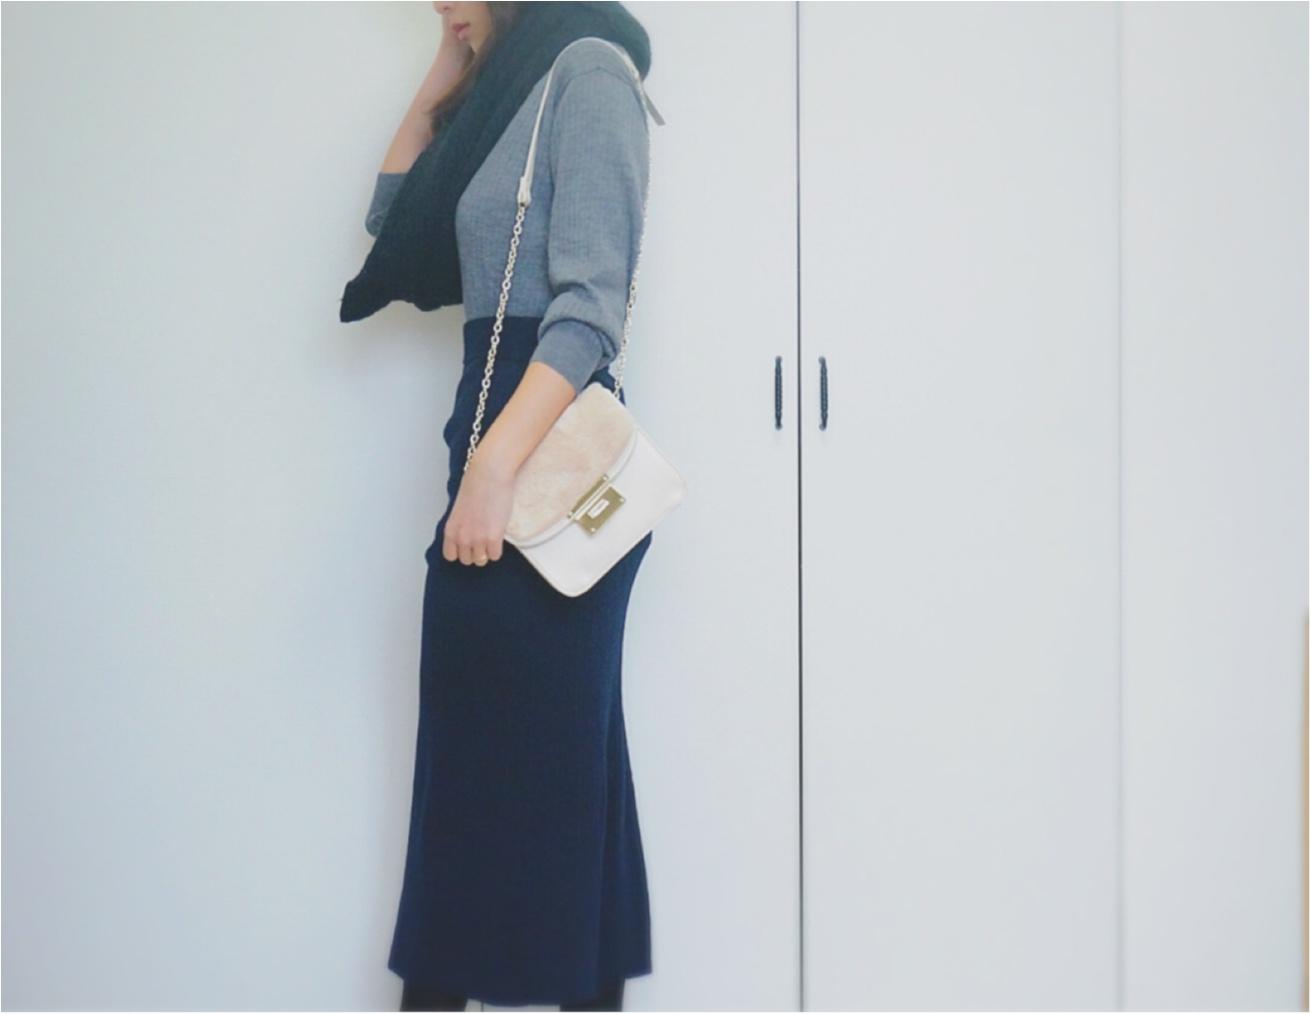 """大大ヒット❤️【UNIQLO】""""メリノブレンドリブスカート""""がついに限定価格に!今なら¥3980で叶う《ニットアップ》コーデ❤️_9"""